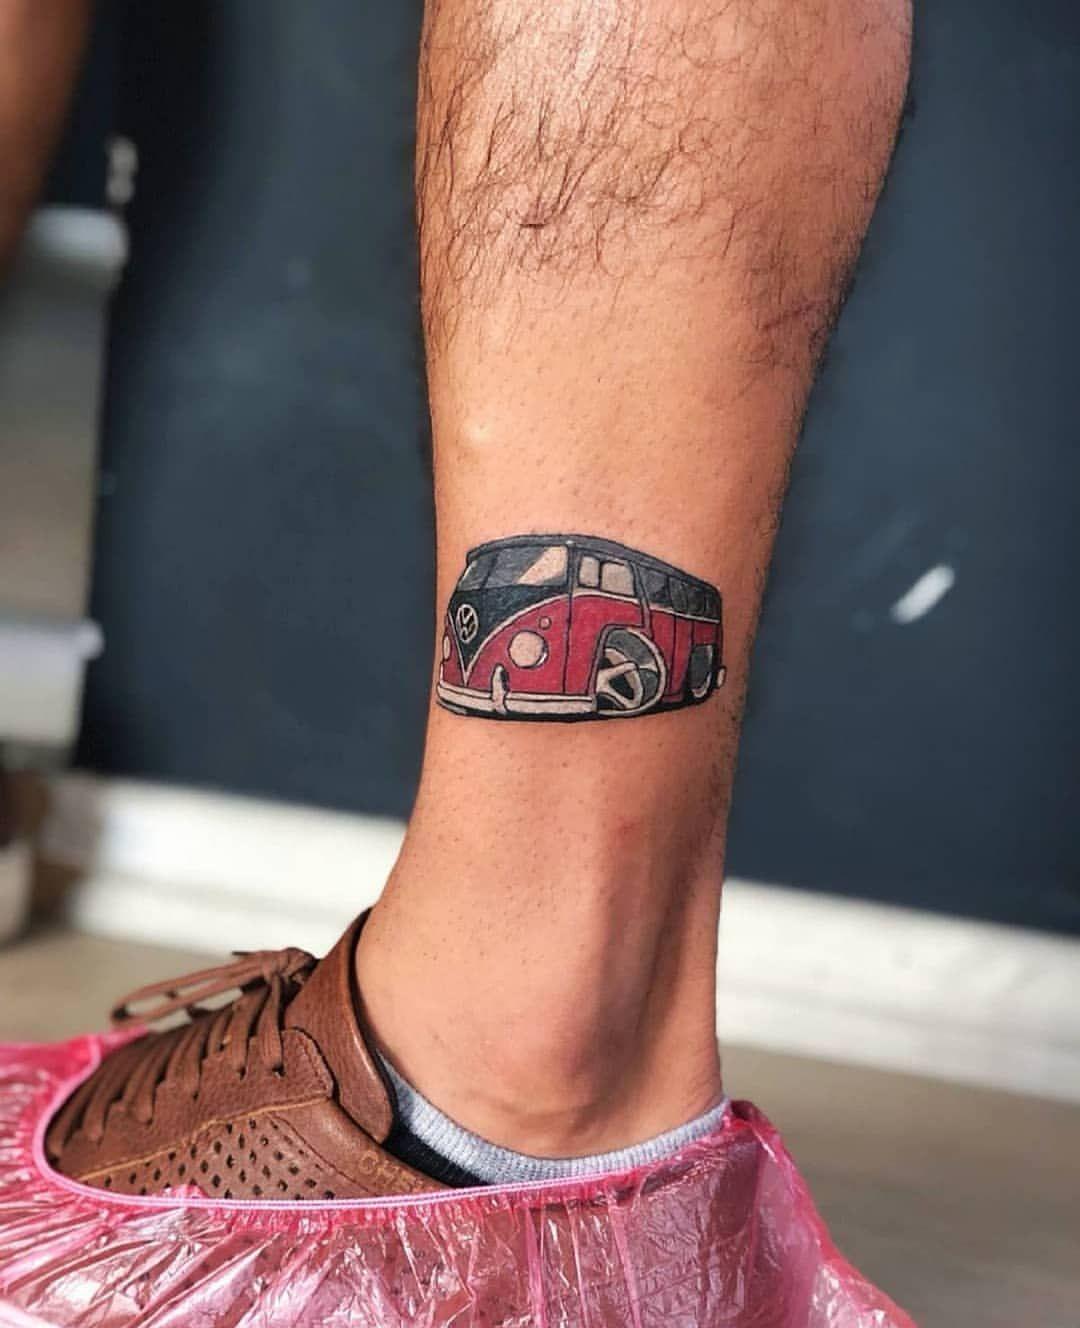 Pin by Gregg Powell on Tattoos | Vw tattoo, Tattoos, Tattoo